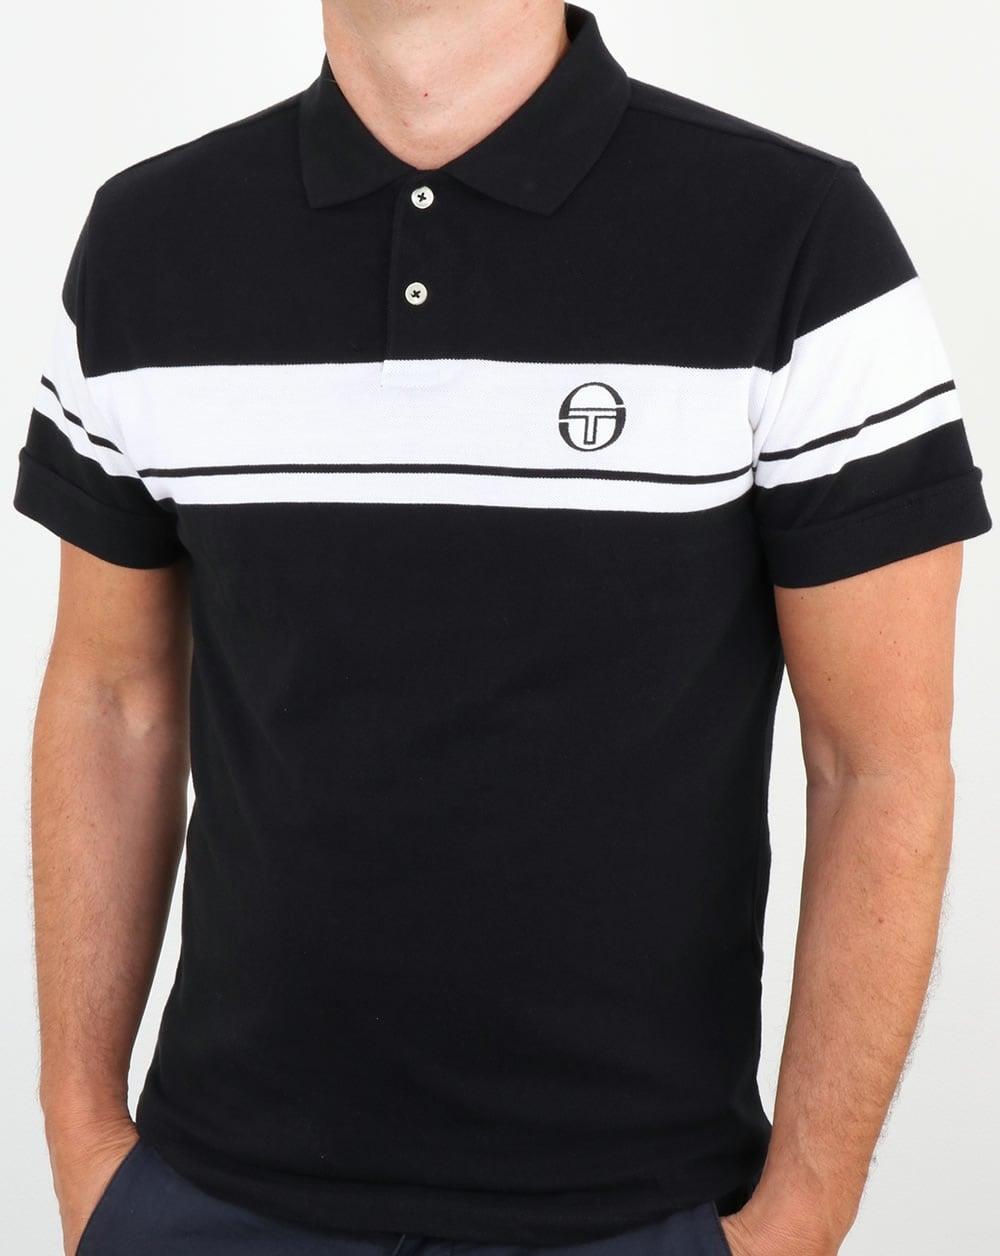 7016f8725 Sergio Tacchini Sergio Tacchini Young Line Polo Shirt Black/White